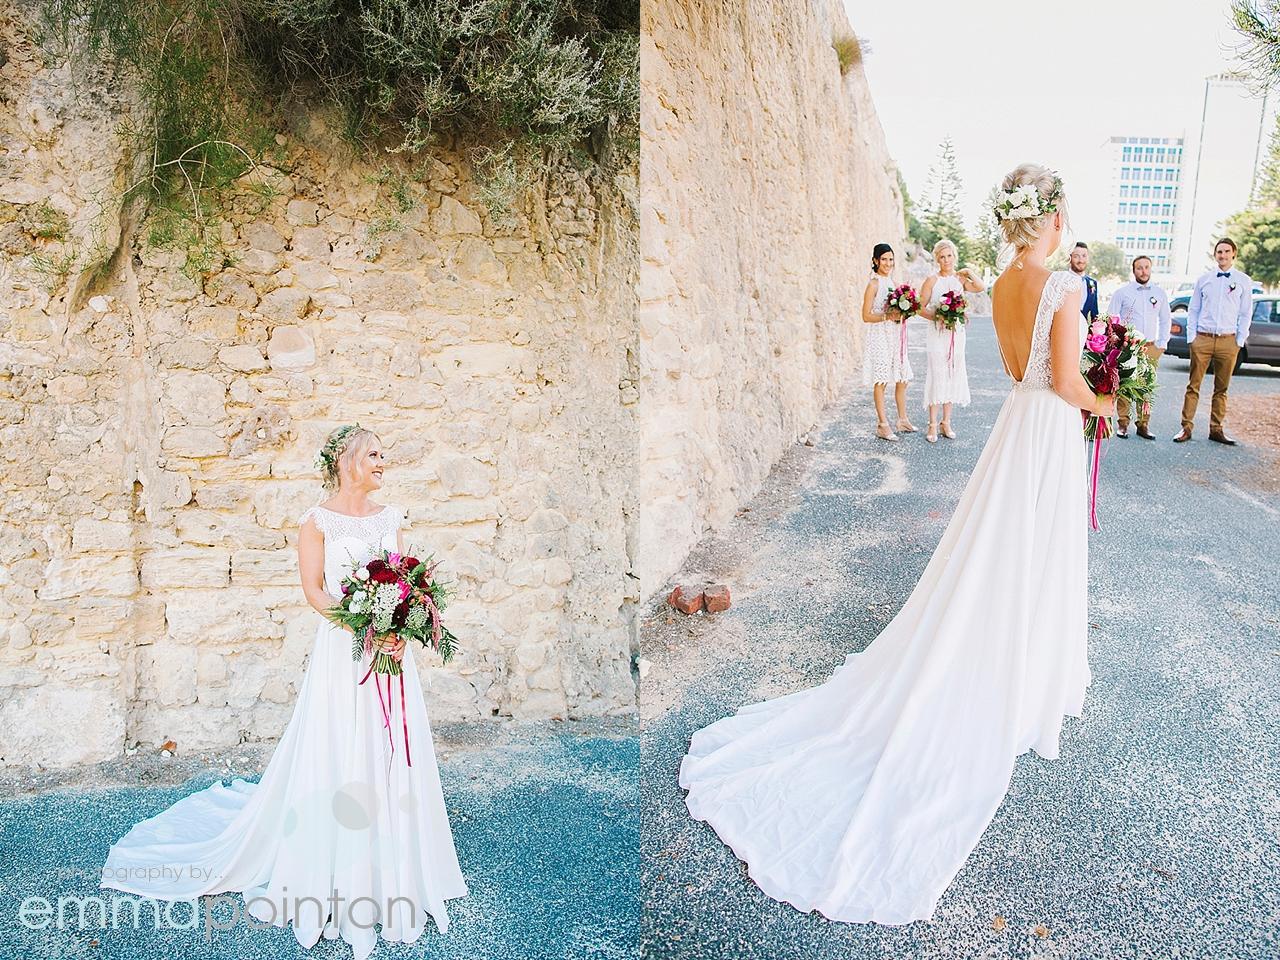 Hobnob bridal dress in fremantle